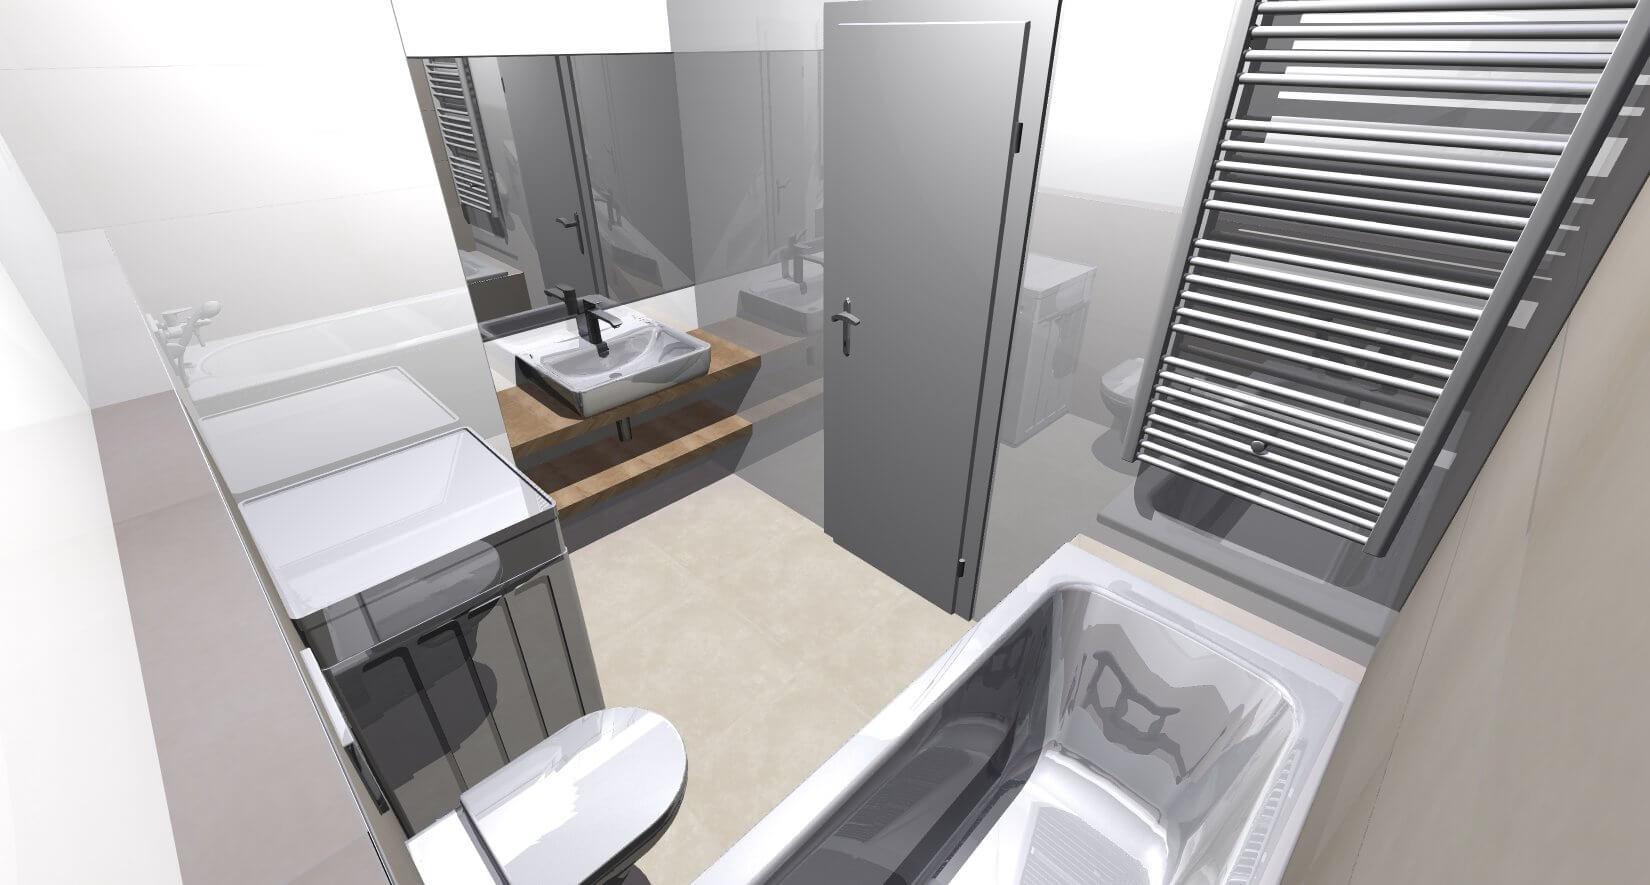 Predané: Novostavba Mezonet 4 izbový, širšie centrum v Bratislave, Beskydská ulica, 141m2, balkón a logia spolu 30,84m2, štandard.-14